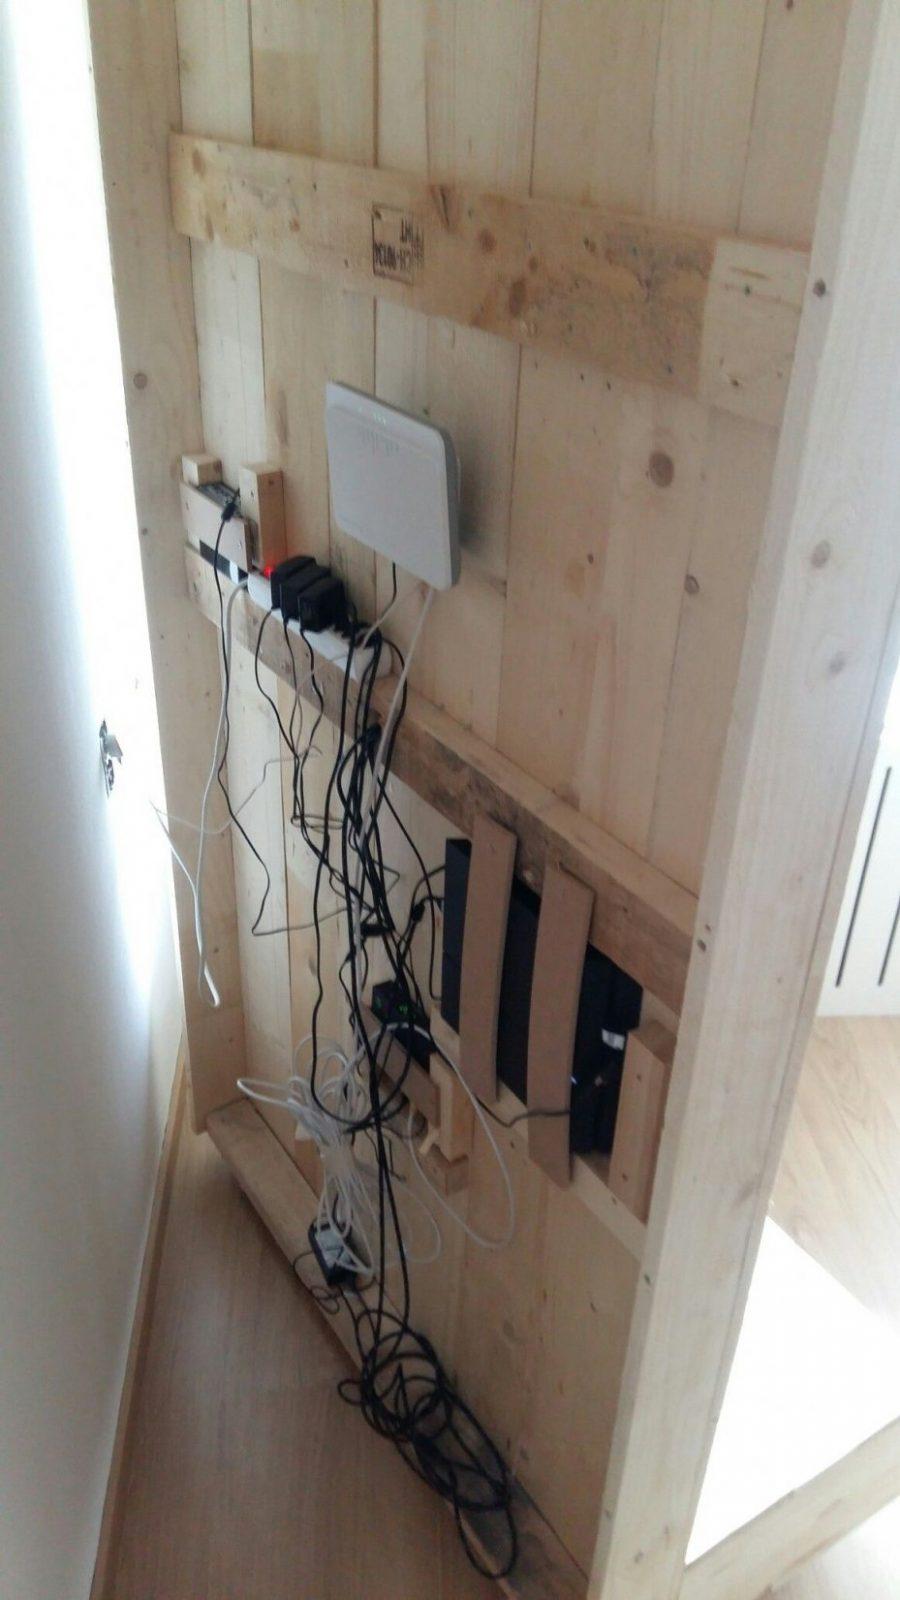 Tvrückwand Selbst Bauen Alle Kabel Verschwinden Hinter Der von Fernseher Wand Selber Bauen Photo